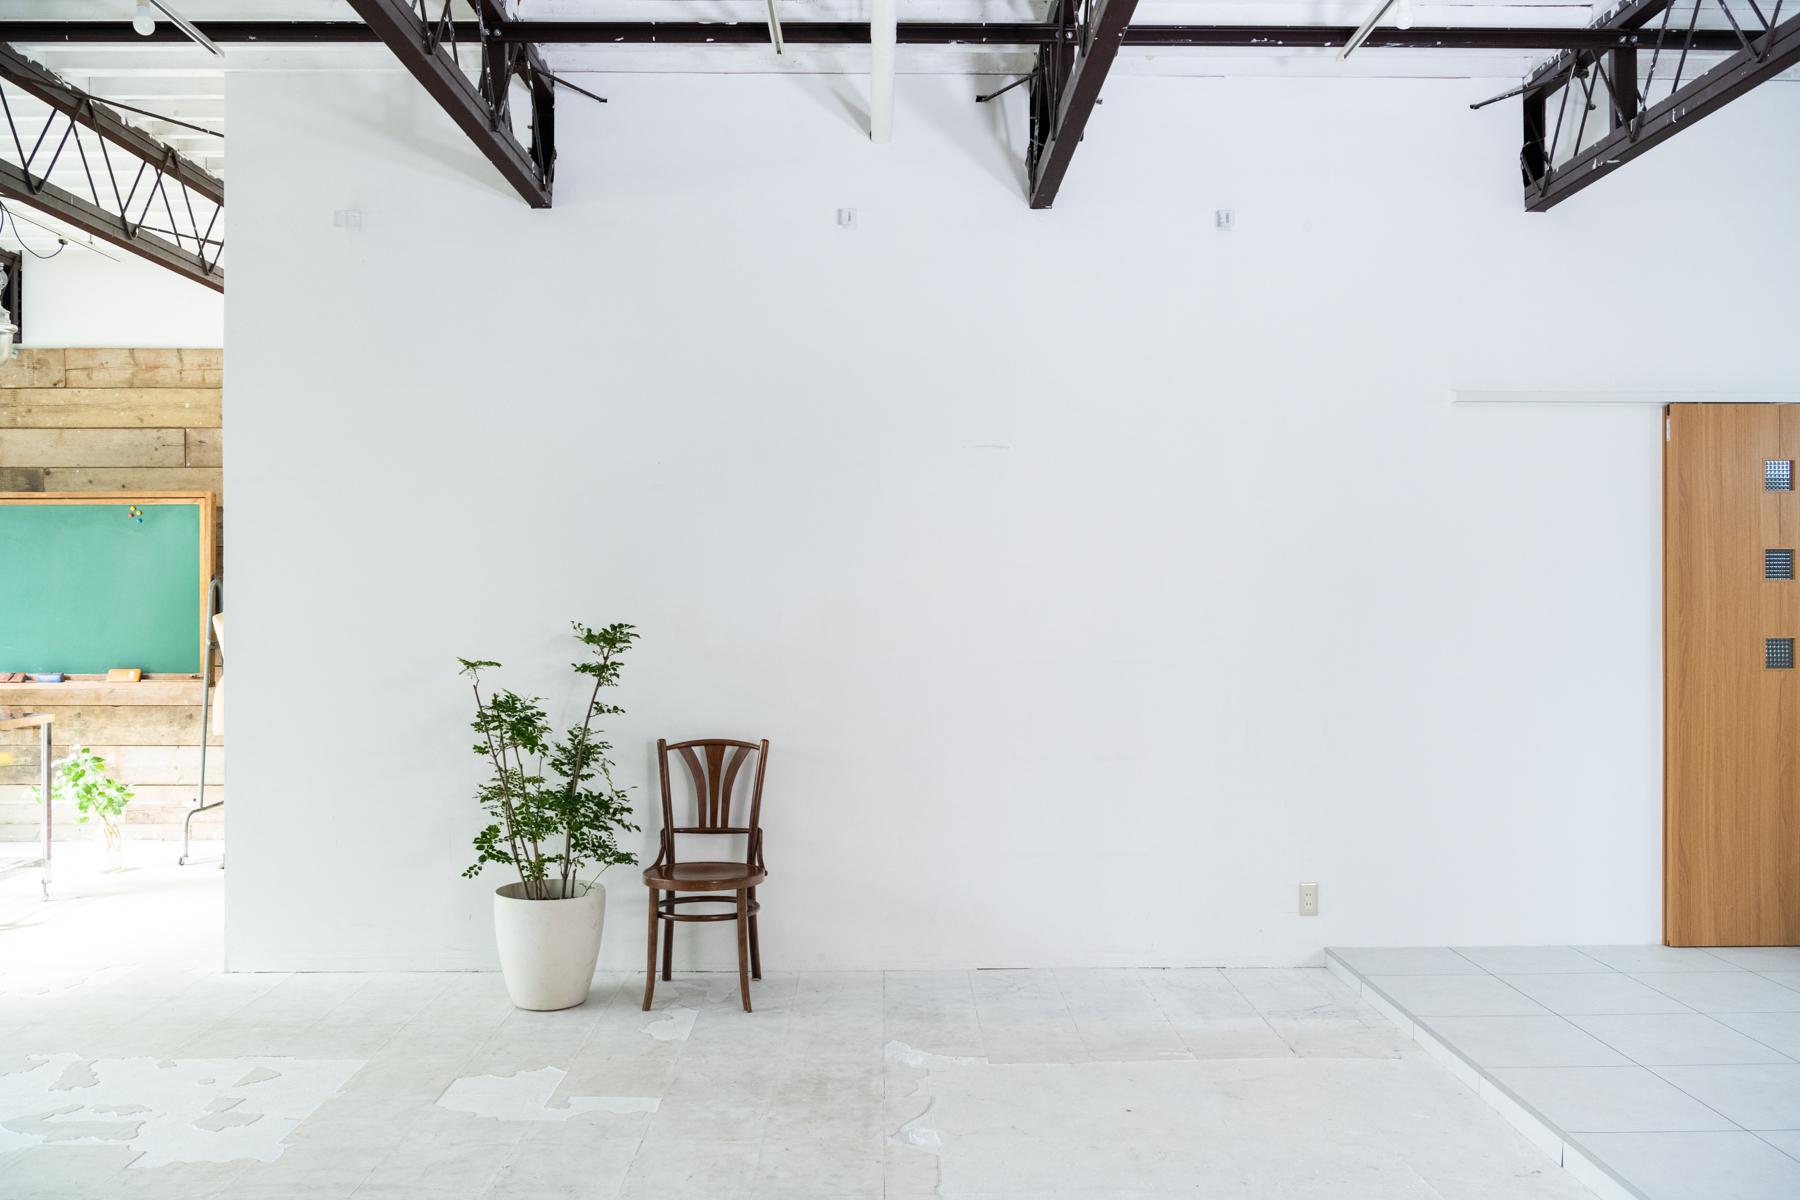 studio Licorne 野毛 (スタジオリコルネ)1st 倉庫フロア